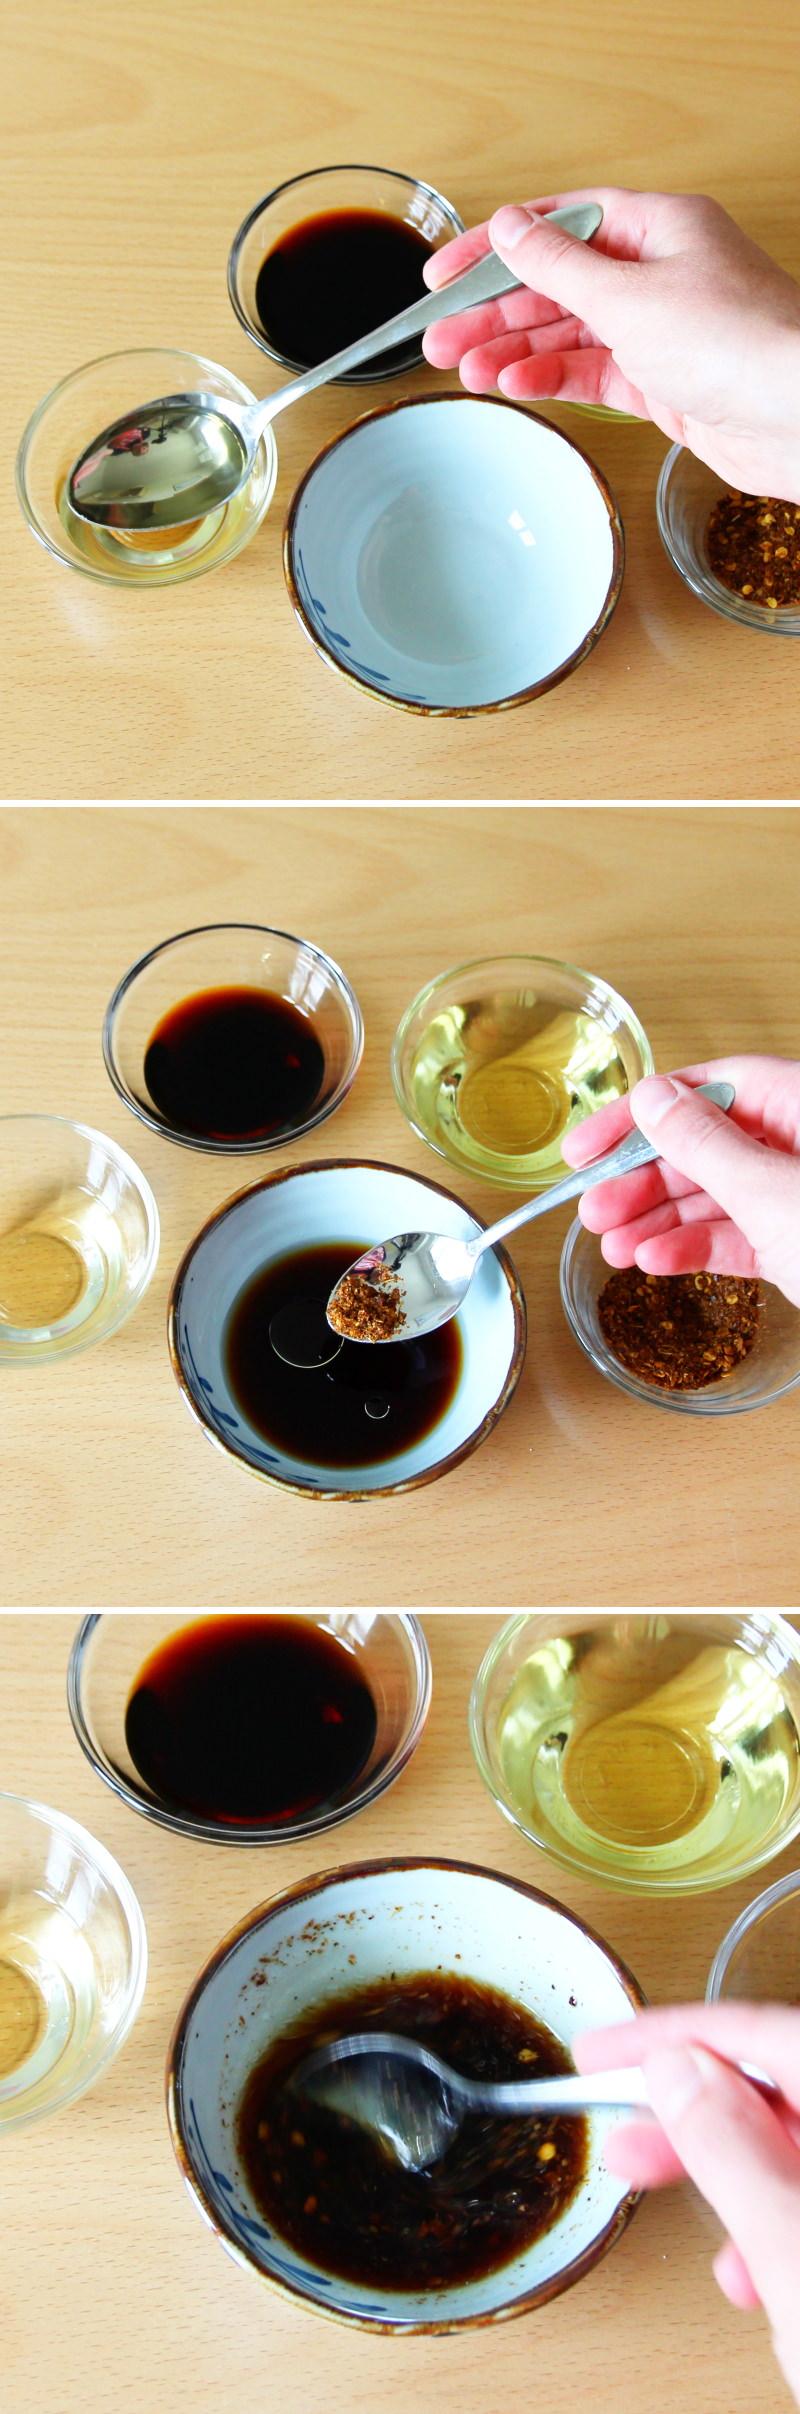 Gyoza mit Dip Schritt 2 Sauce zubereiten